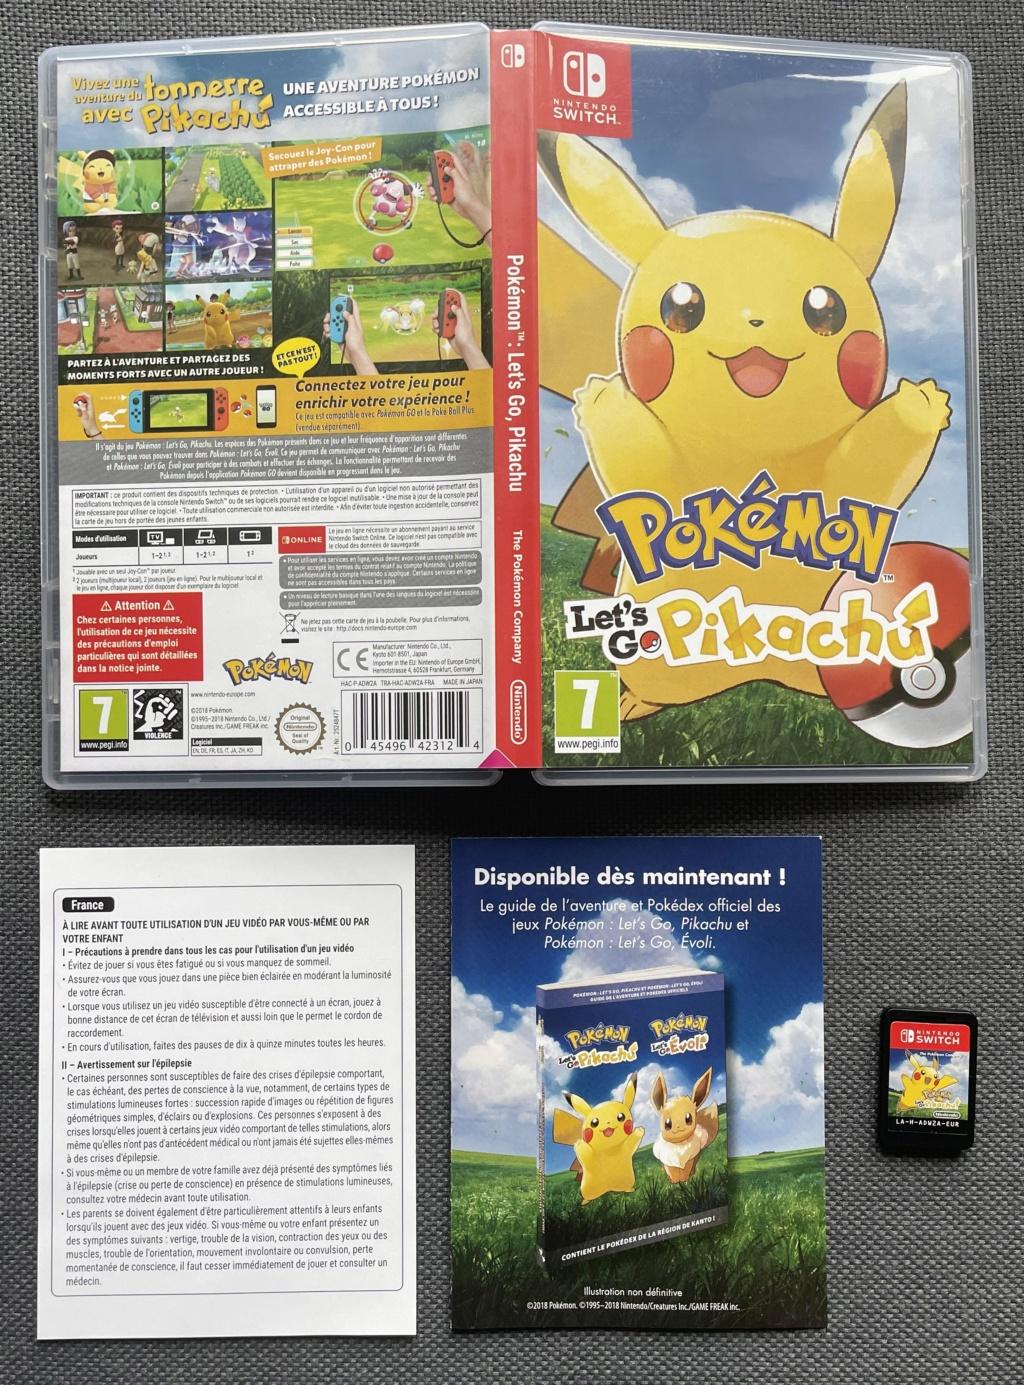 Pokémon Let's Go Pikachu Cce58e10